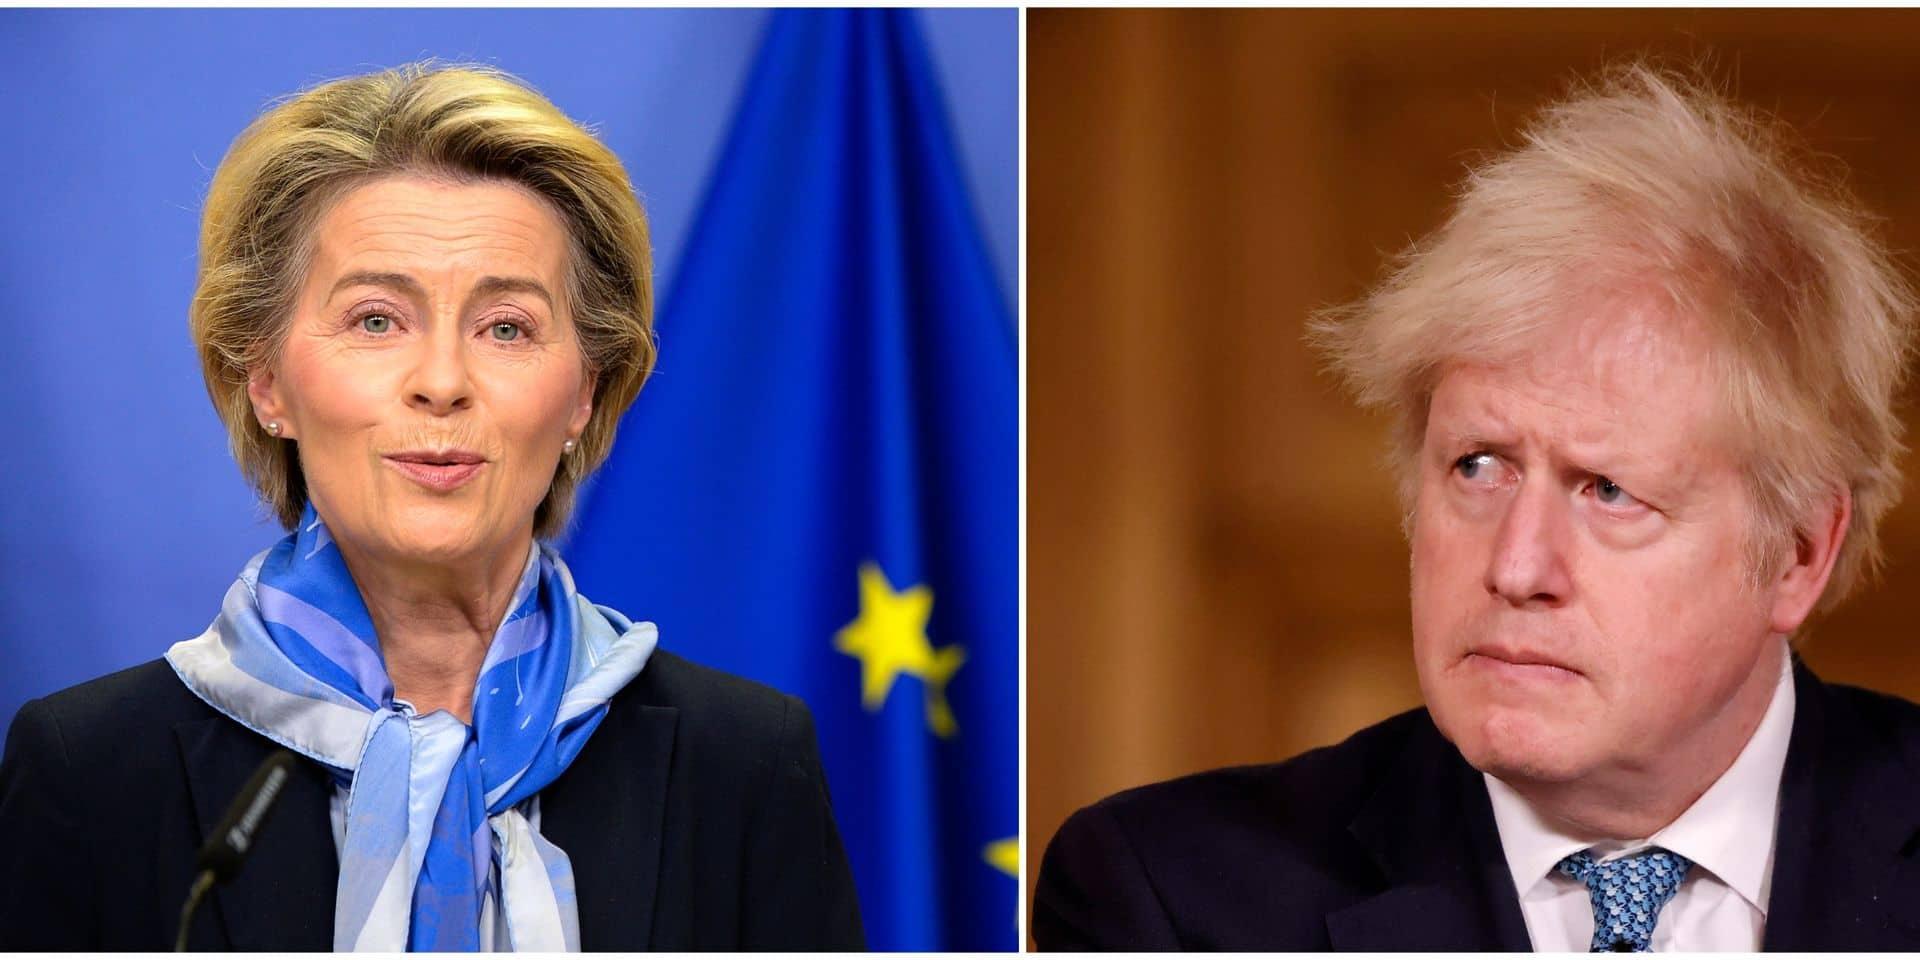 L'Union européenne et le Royaume-Uni ont trouvé un accord: retour sur des dernières heures agitées